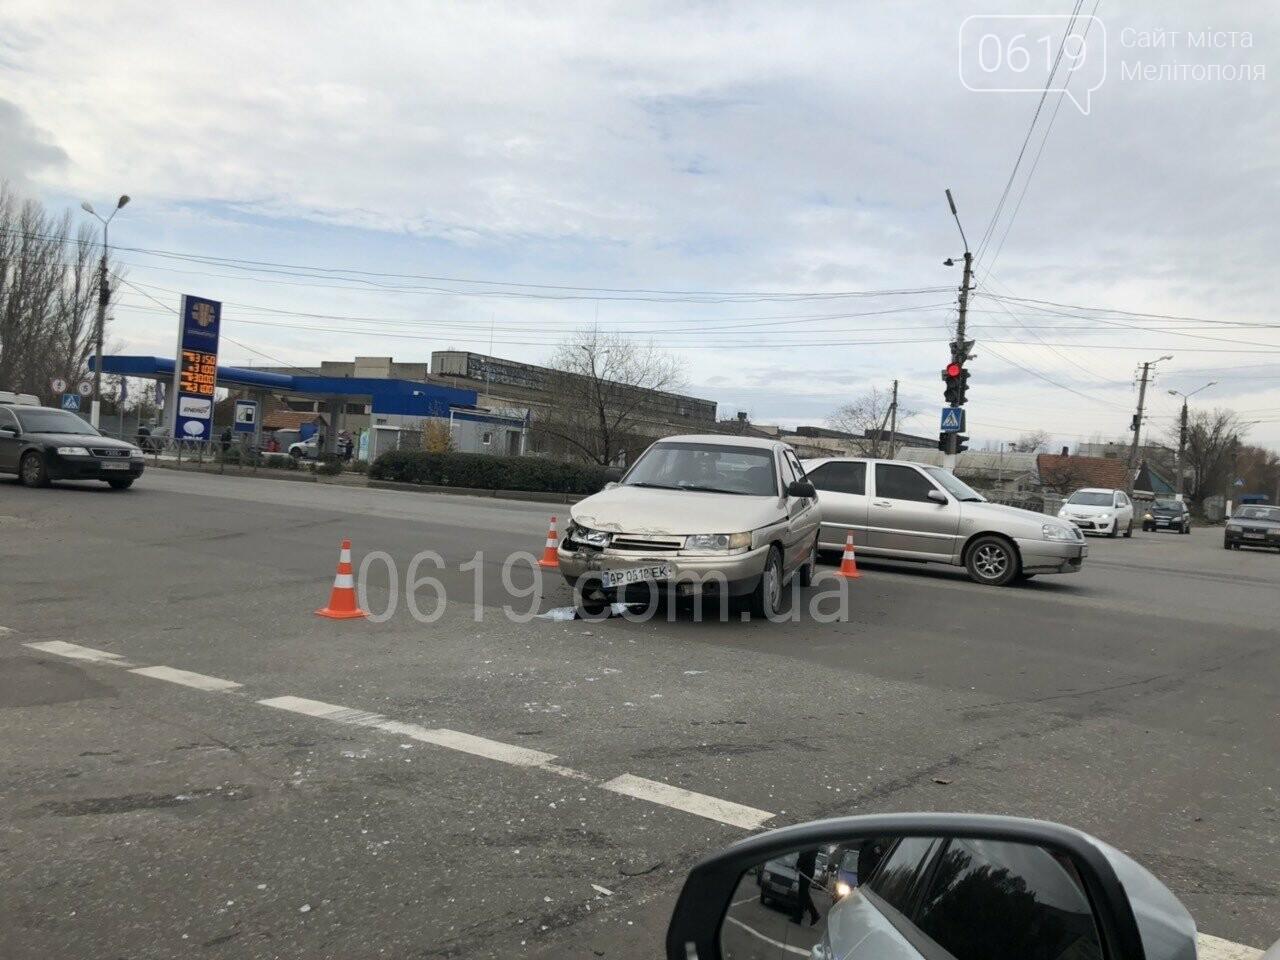 В Мелитополе в результате ДТП перевернулся автомобиль, - ФОТО, фото-3